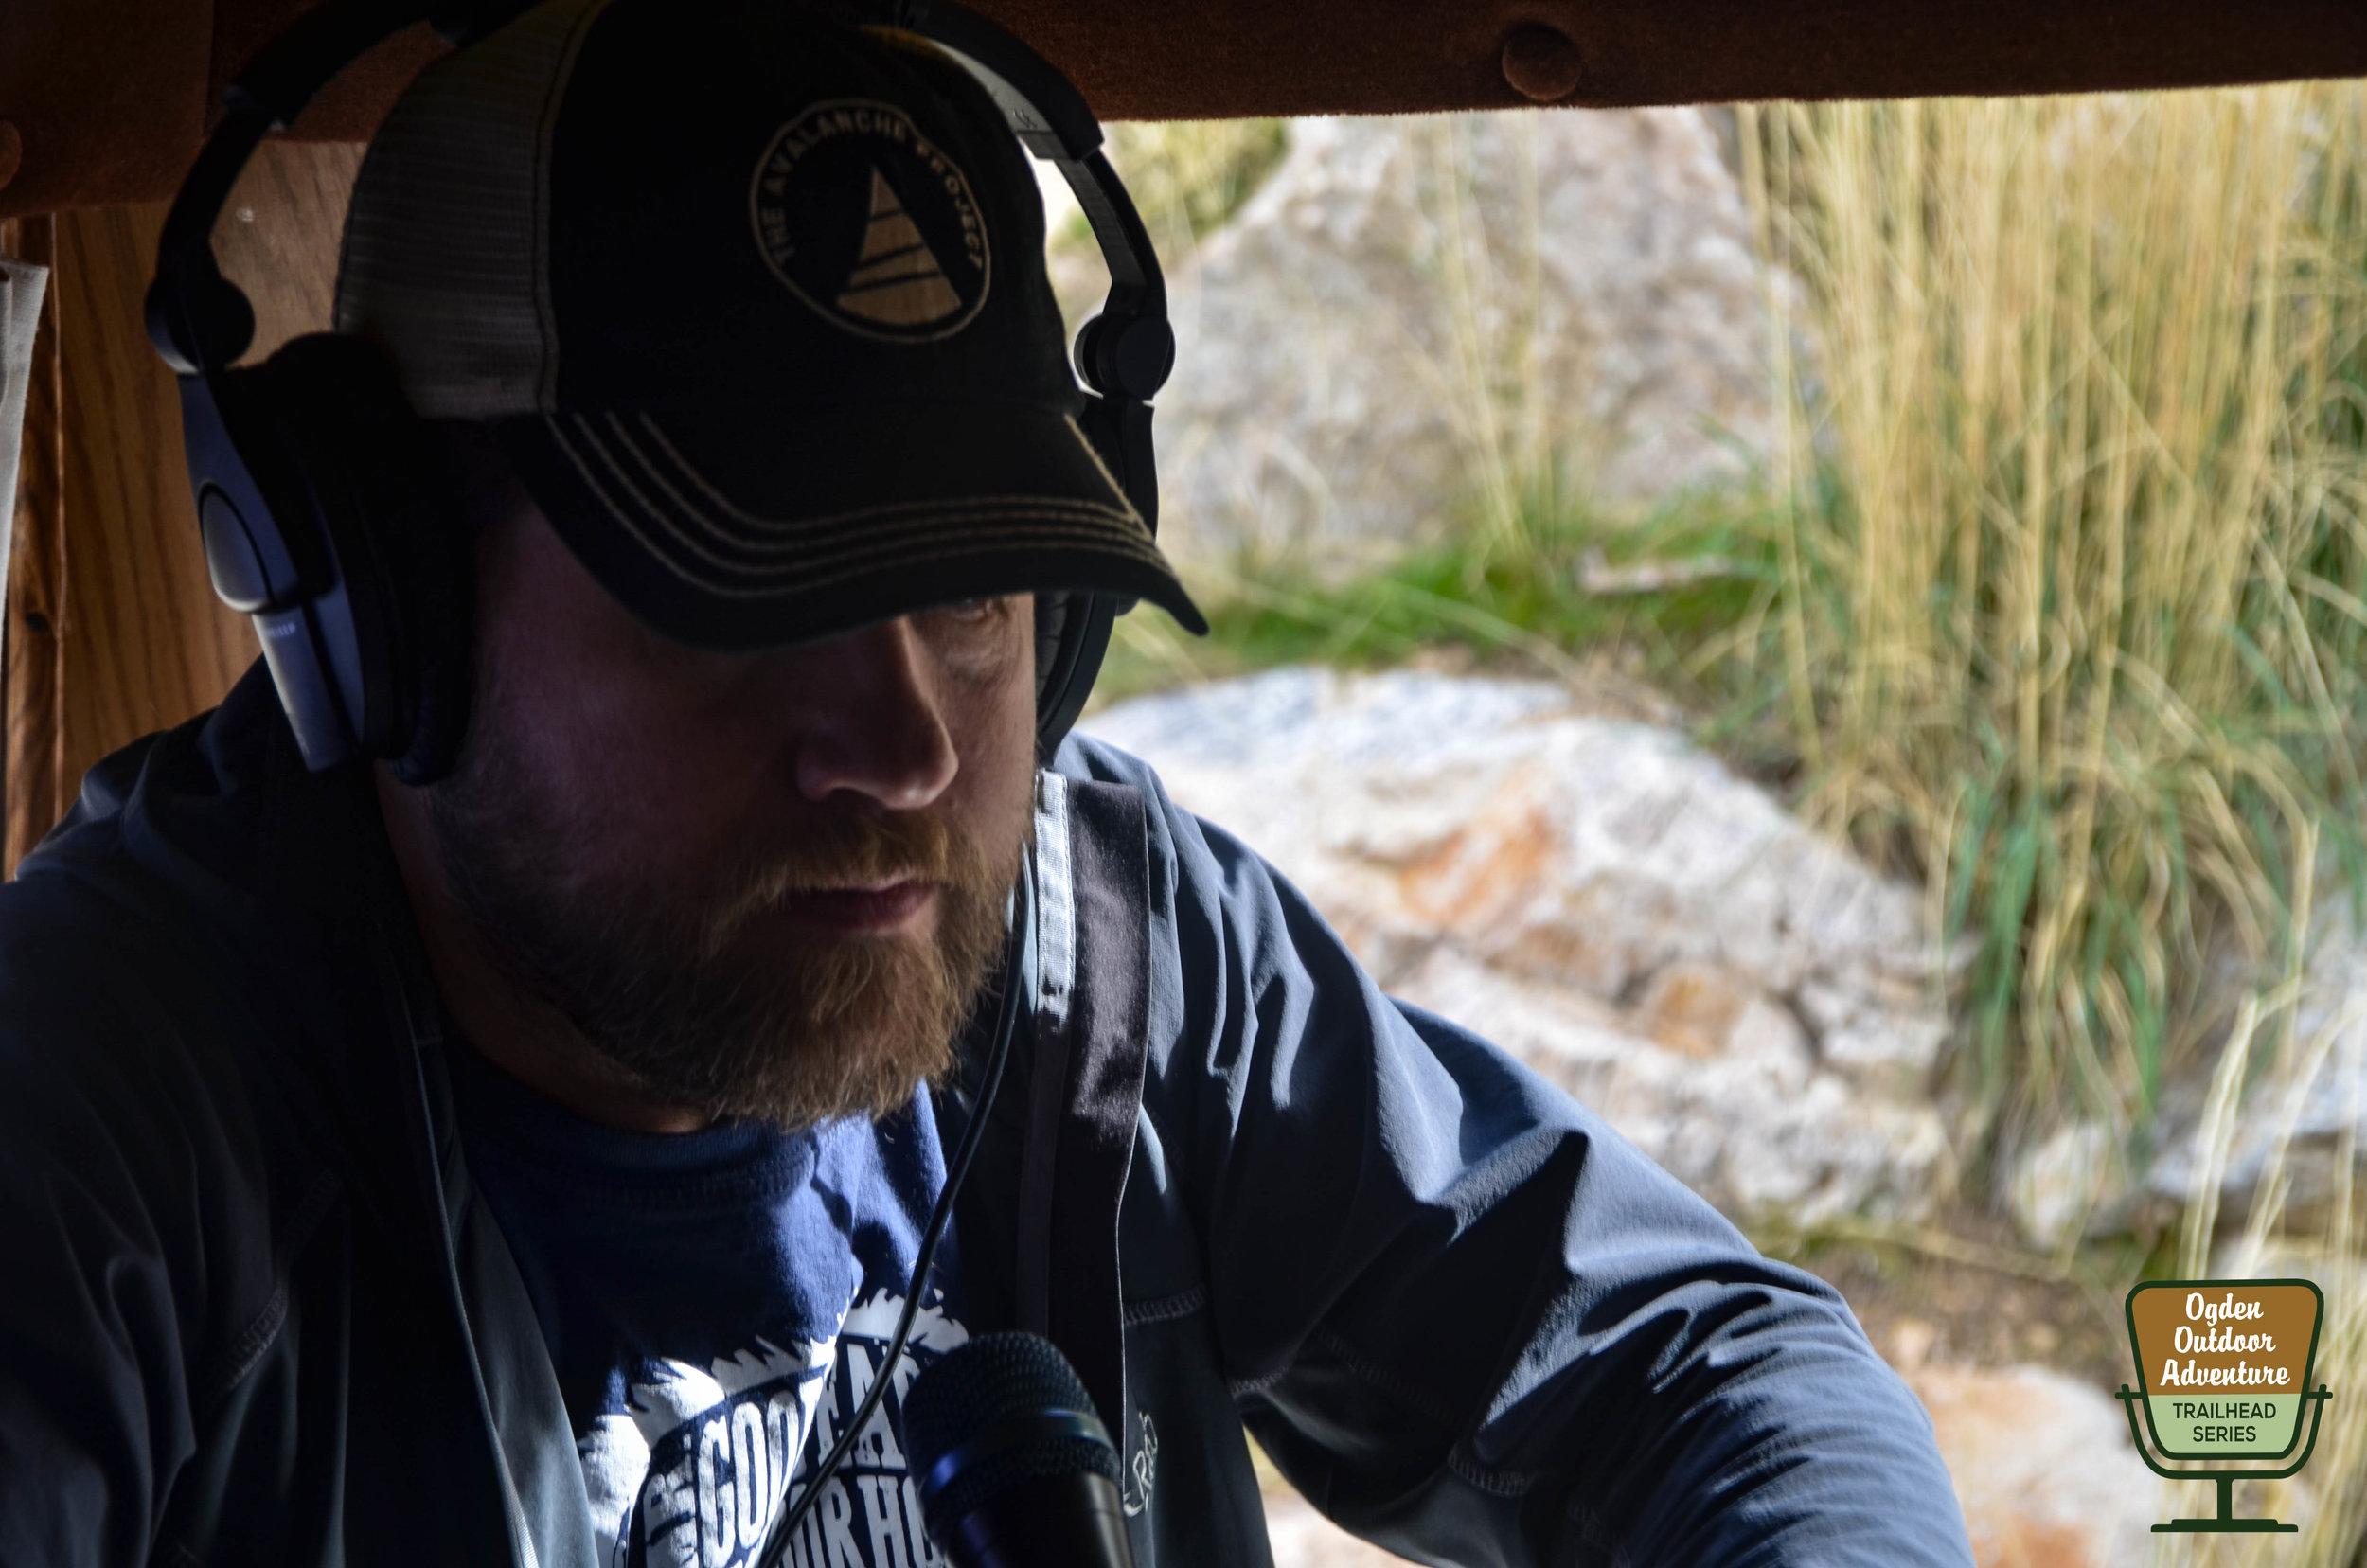 Ogden Outdoor Adventure Show 256 - Waterfall Canyon-1.jpg